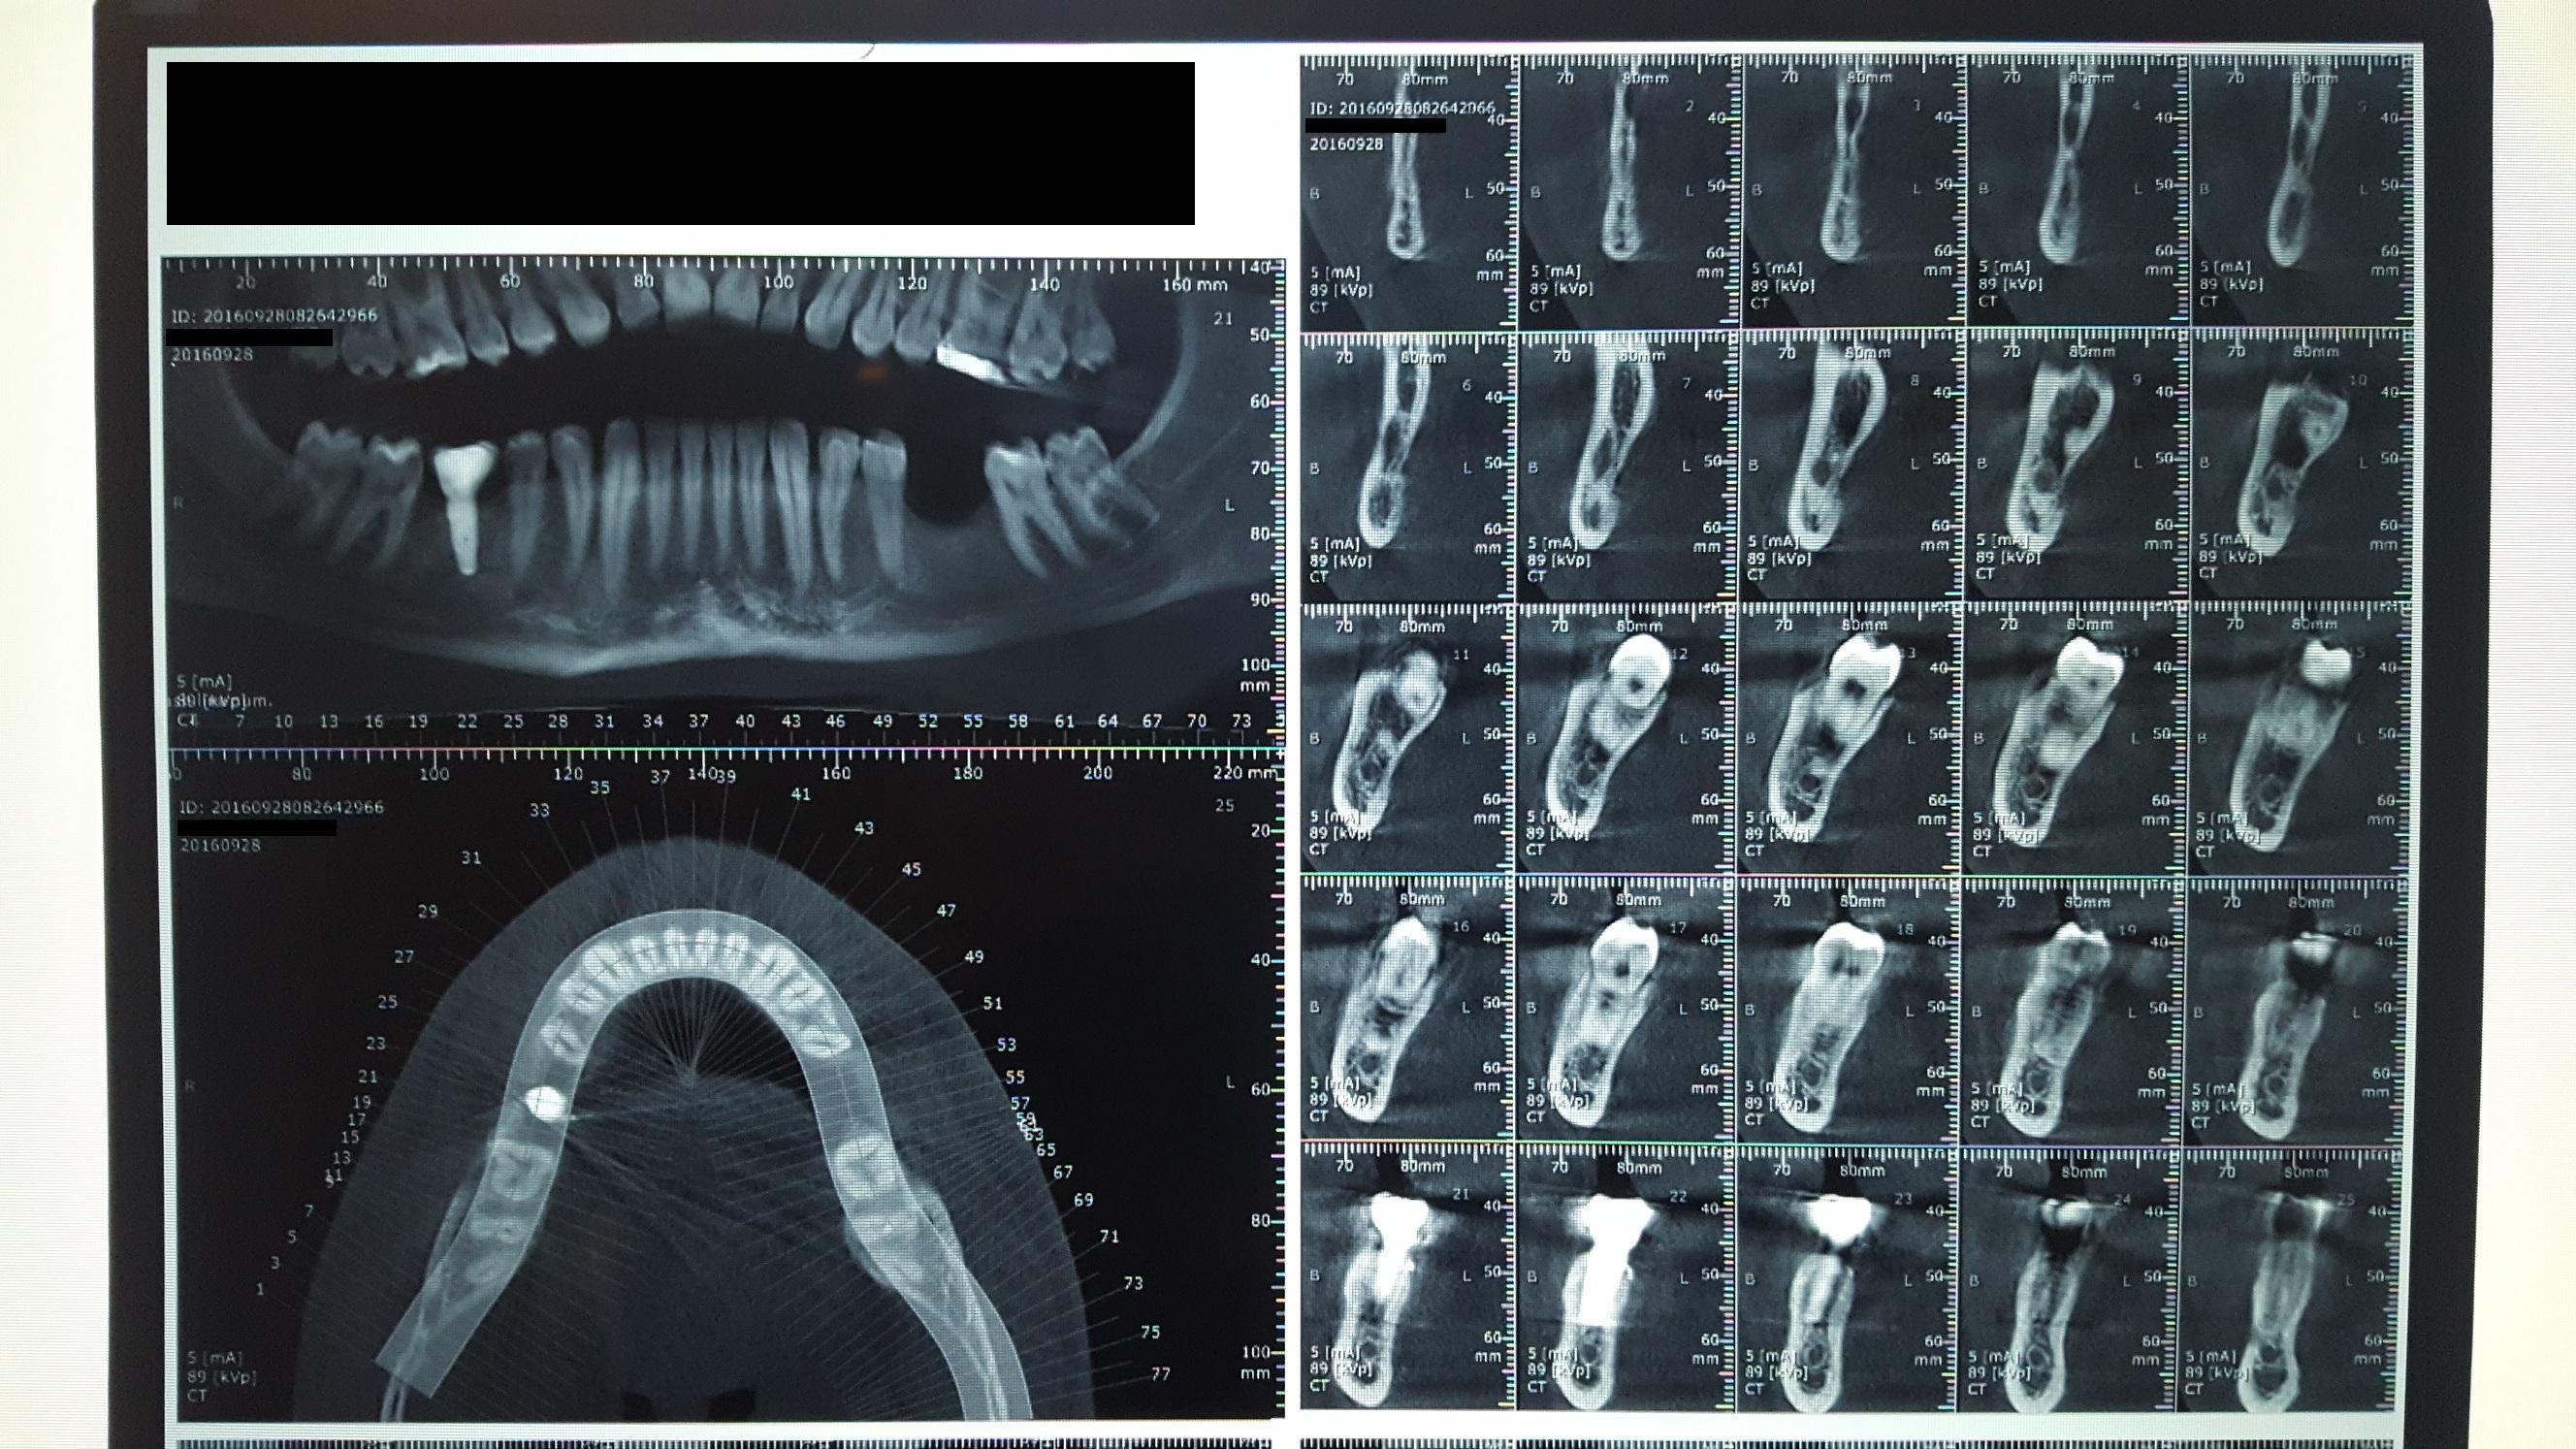 Ho eseguito un innesto d'osso per poi inserire l'impianto stesso con vite di guarigione